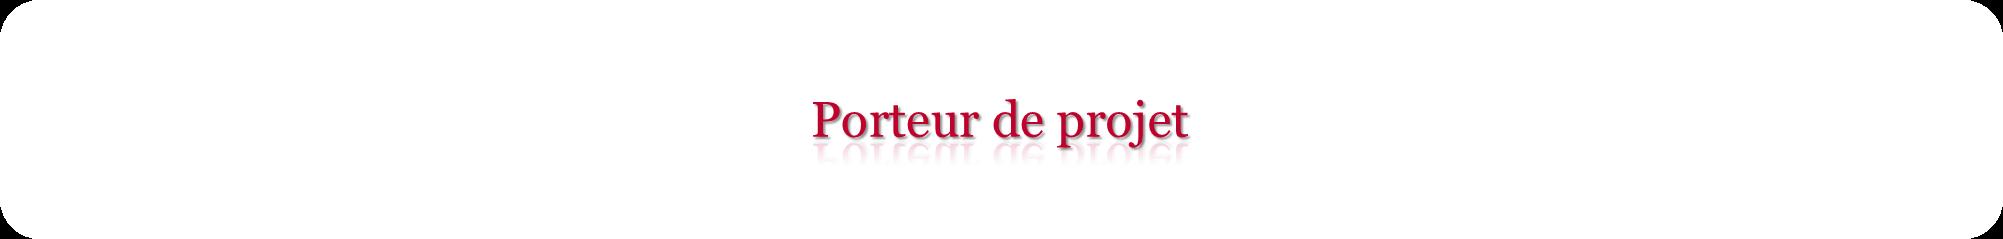 porteur projet3